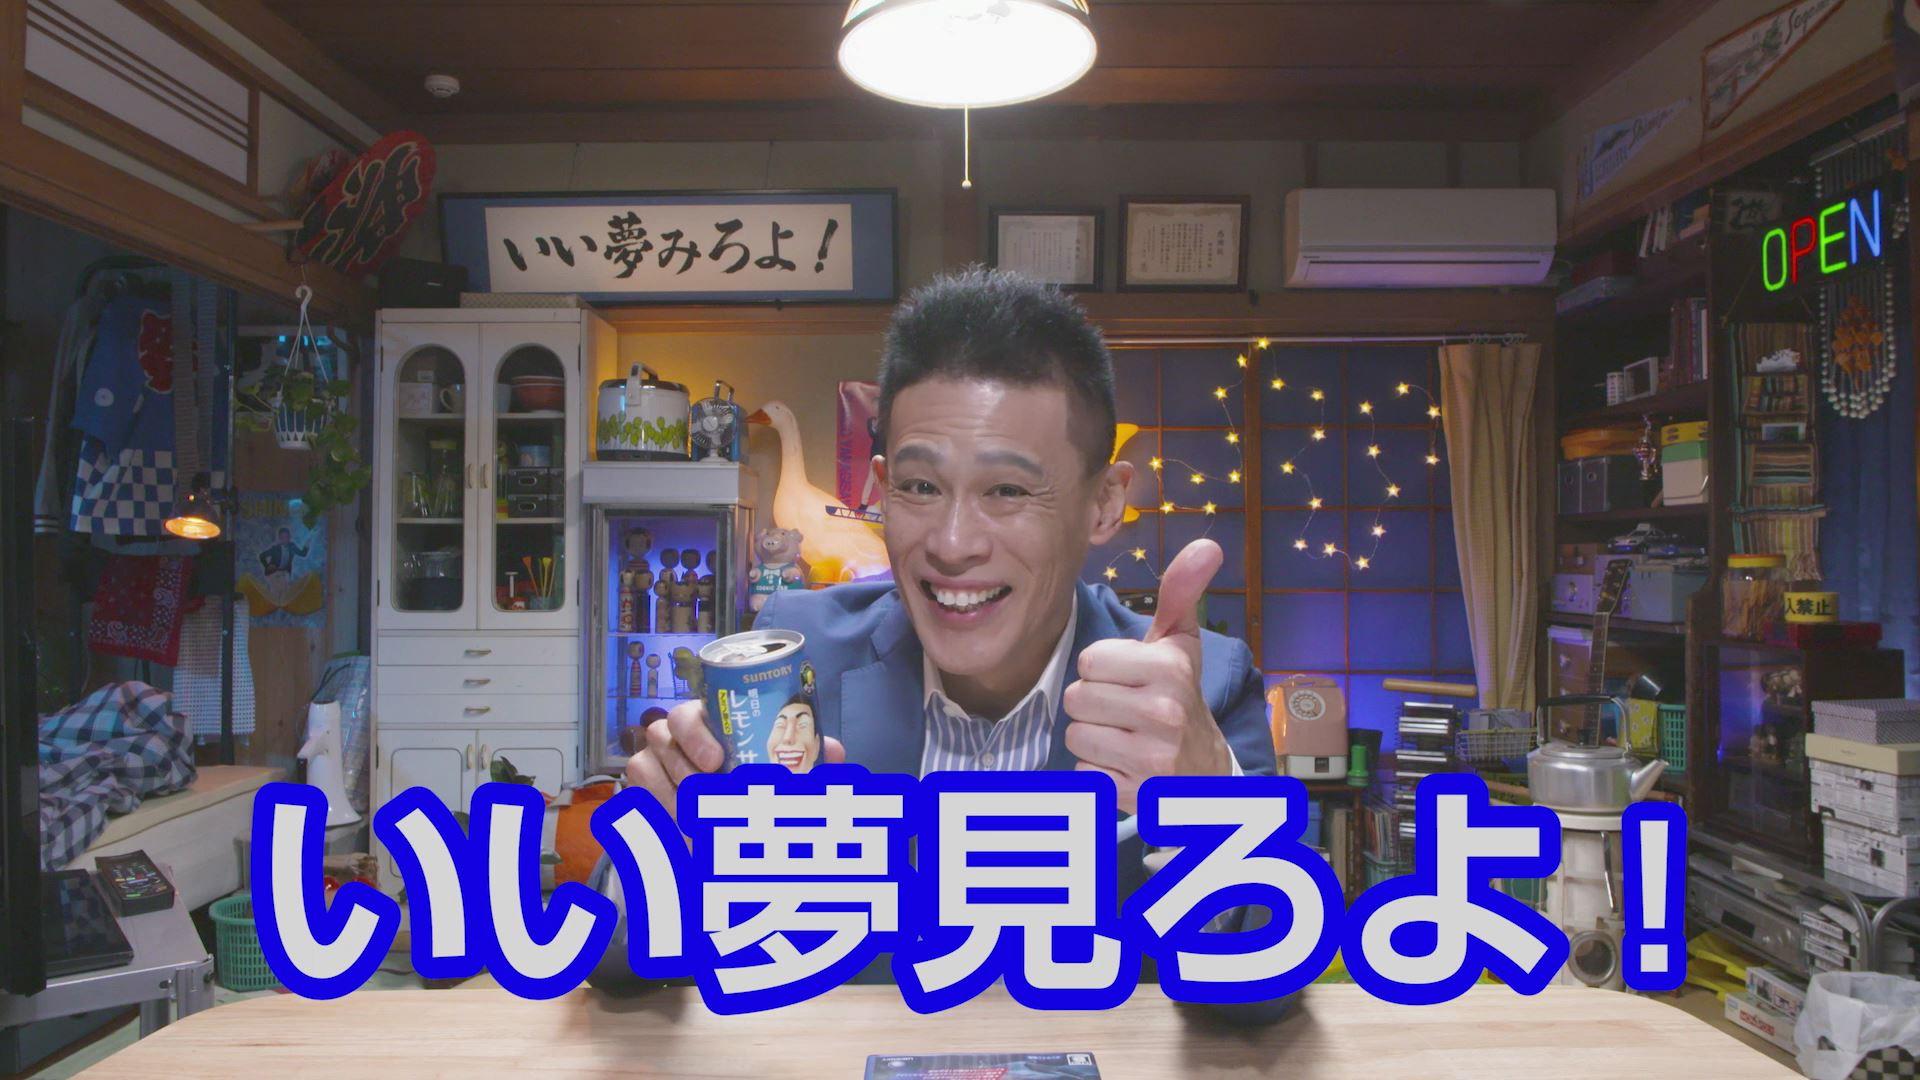 【ゲーム実況】柳沢慎吾が実況プレイいい夢みろよTV | #昭和からやってきたYouTuber 5